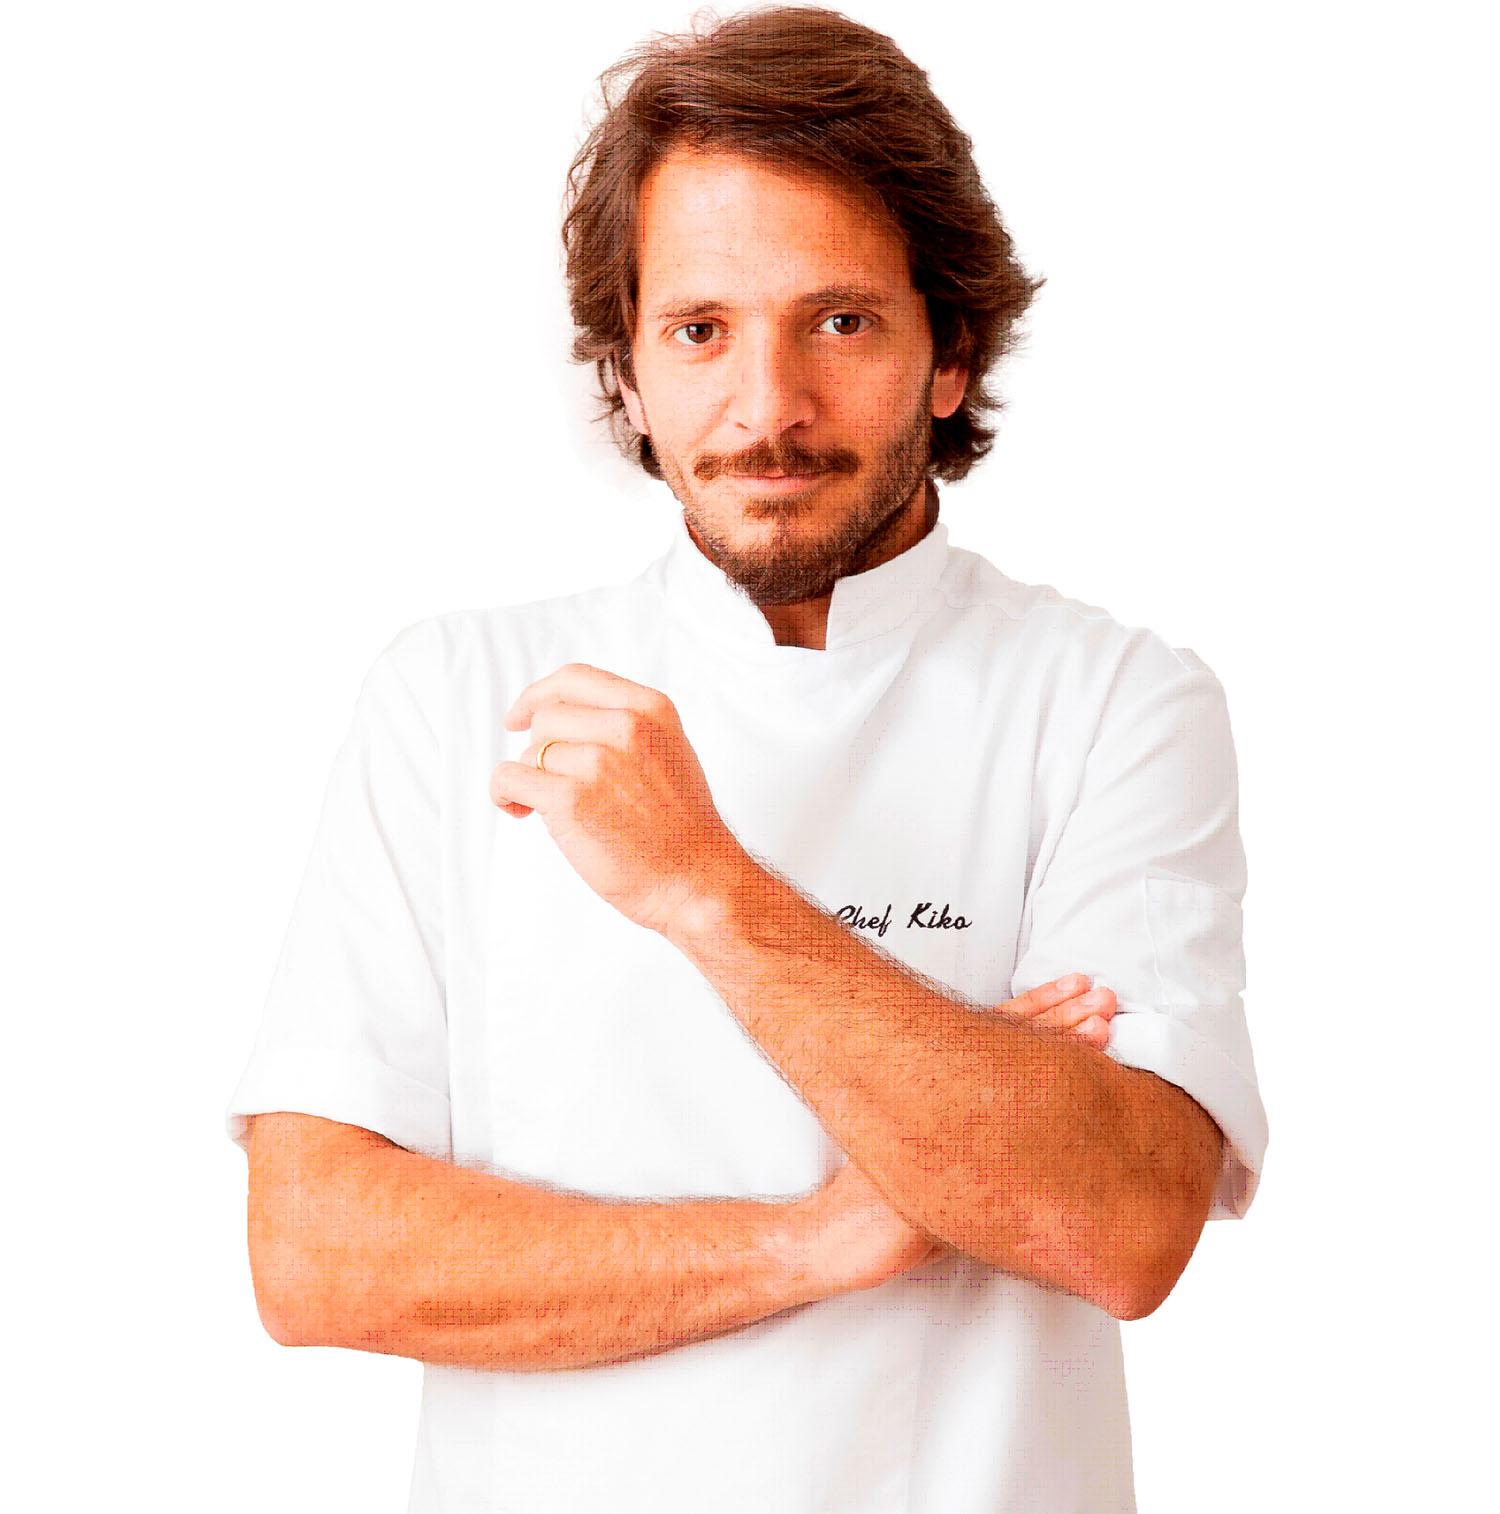 chef kiko